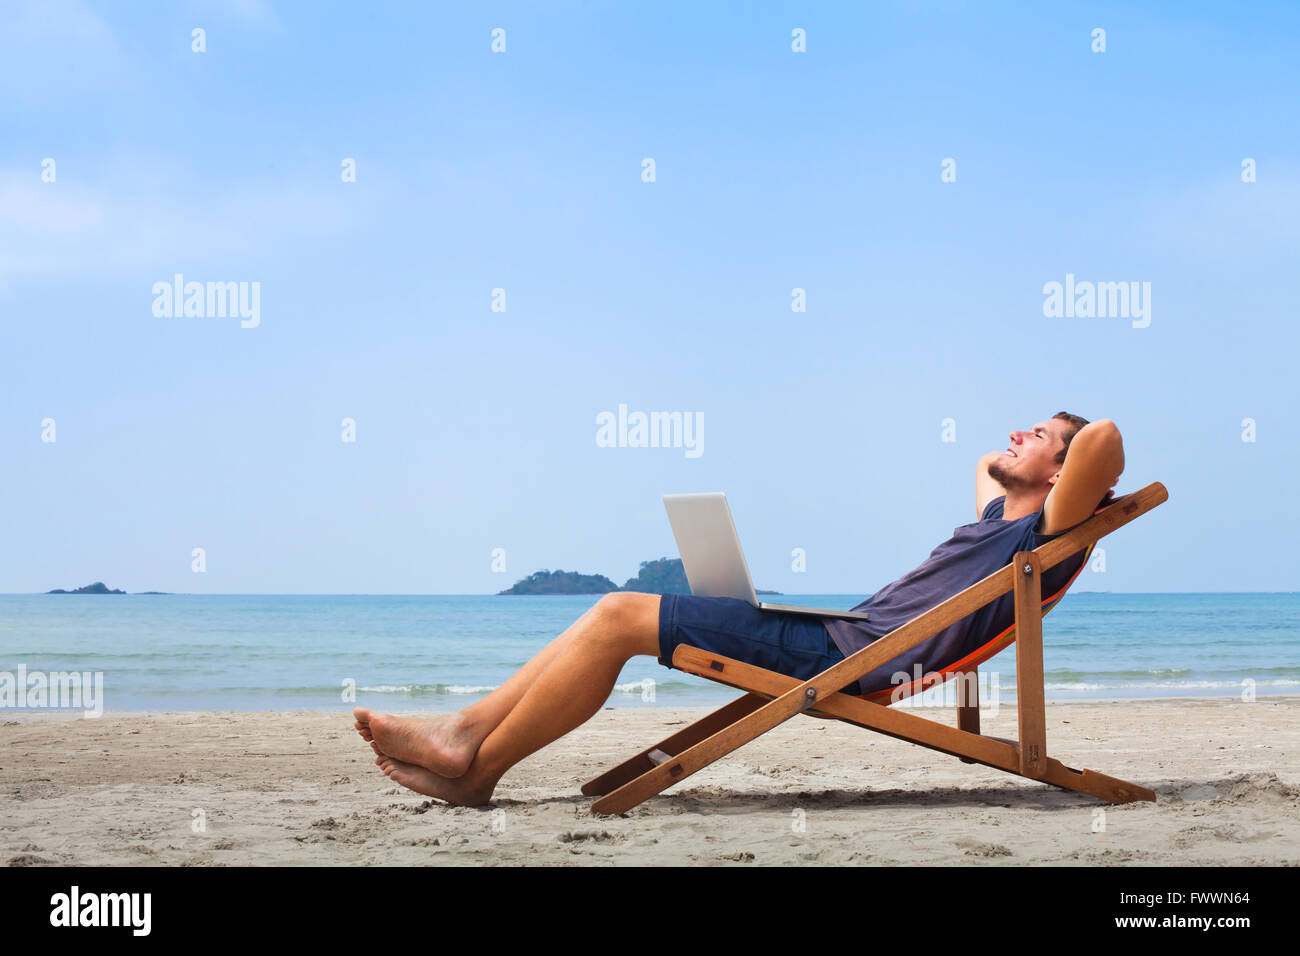 Freiberufler, glücklich erfolgreicher Geschäftsmann mit Laptop am Strand, blauer Himmel Stockbild